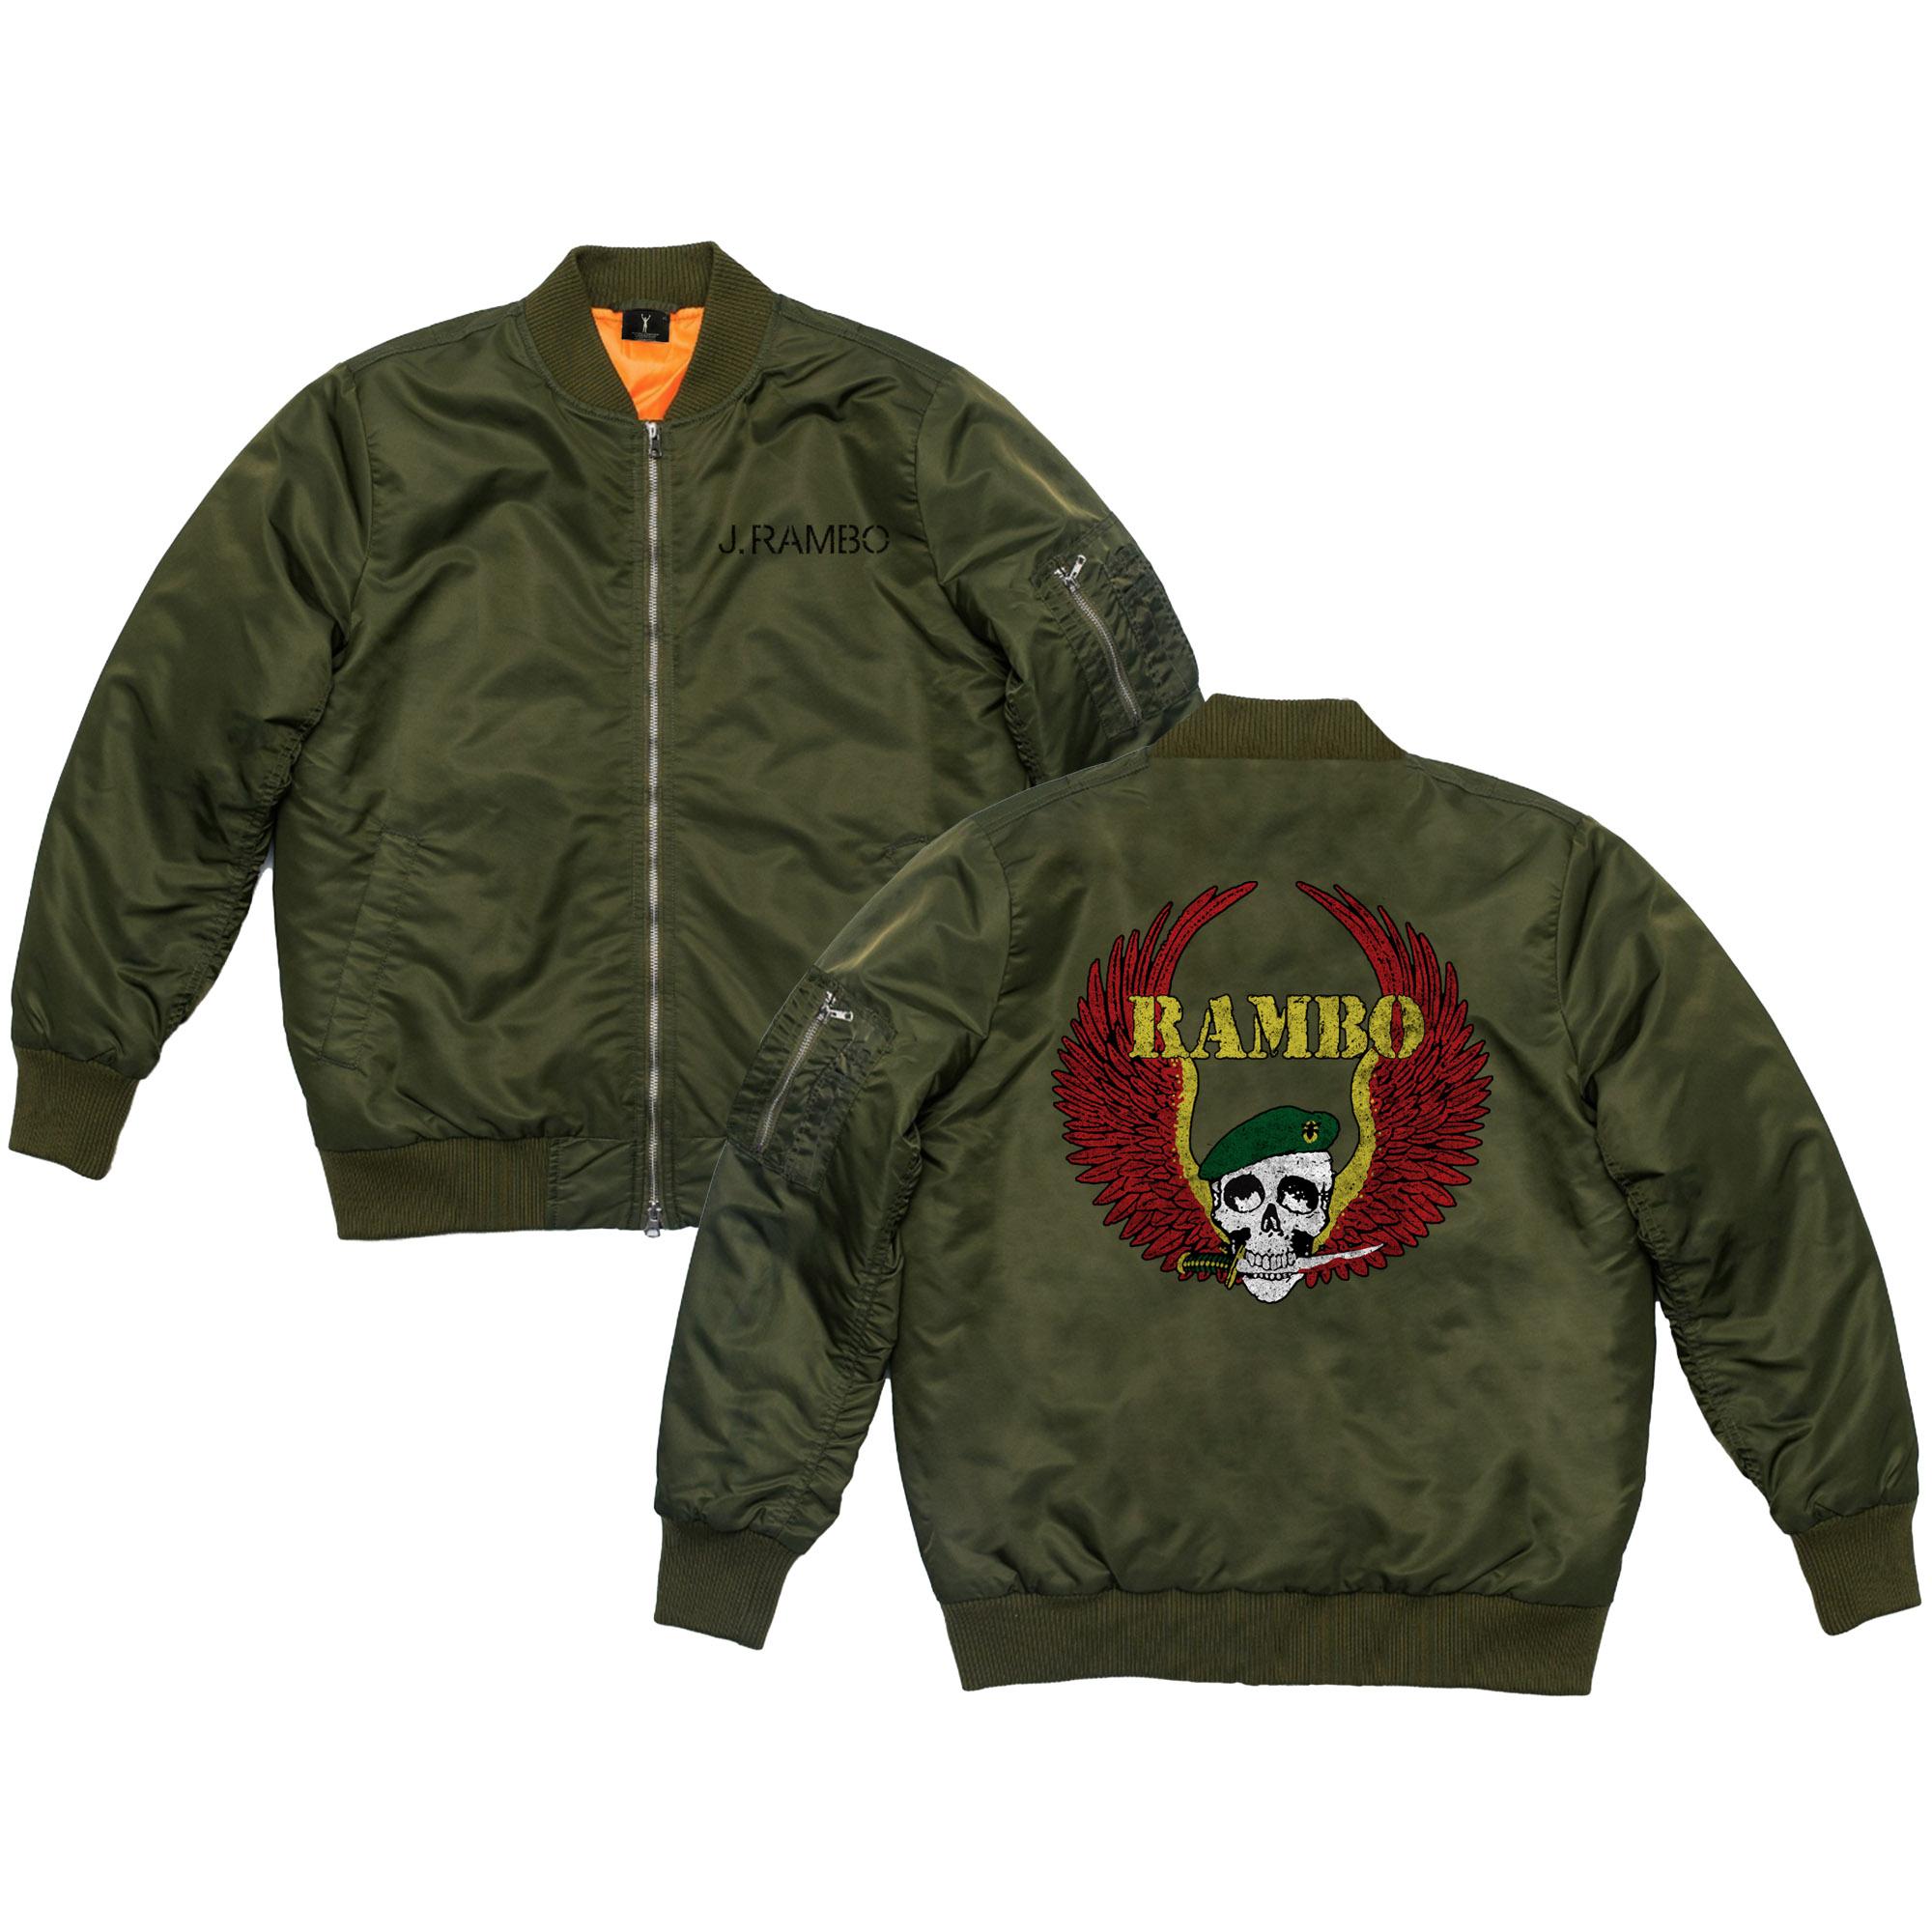 RAMBO Cast & Crew Bomber Jacket